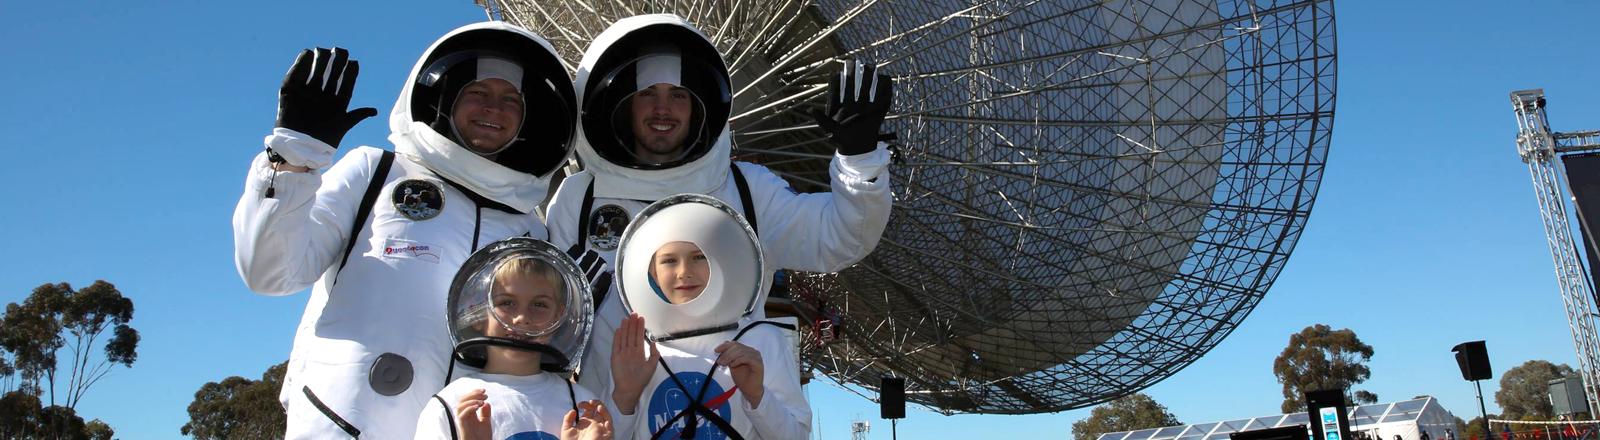 Eine Familie in Astronauten-Kostümen bei den Feierlichkeiten zu 50 Jahre Mondlandung in Parkes, Australien